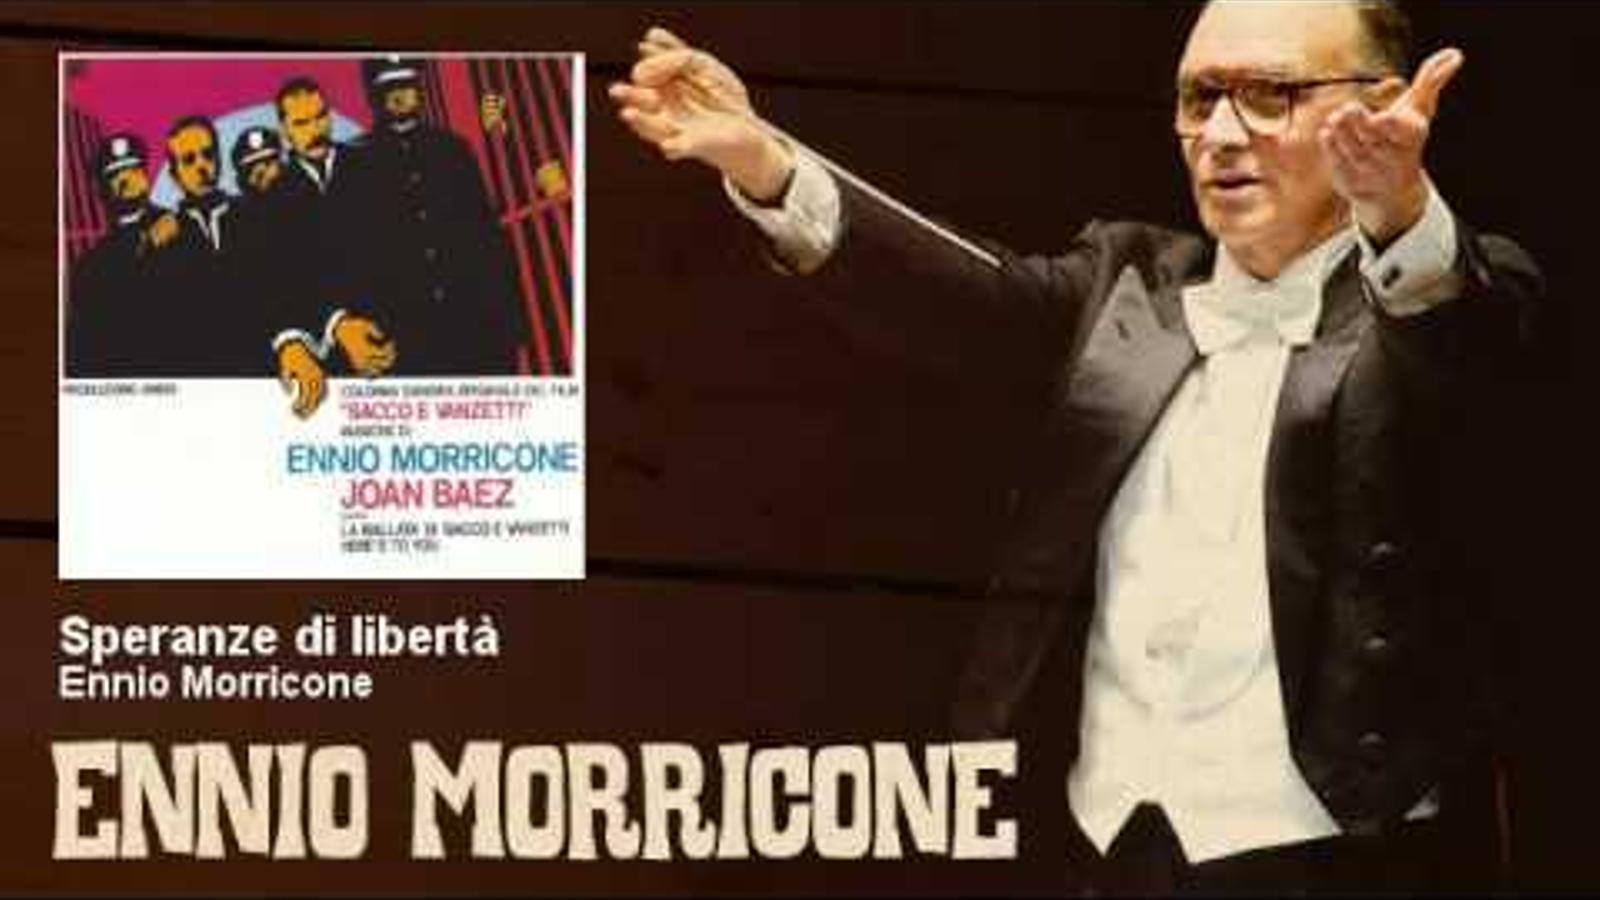 'Speranze di libertà', d'Ennio Morricone, un dels temes de la banda sonora de 'Sacco i Vanzetti'